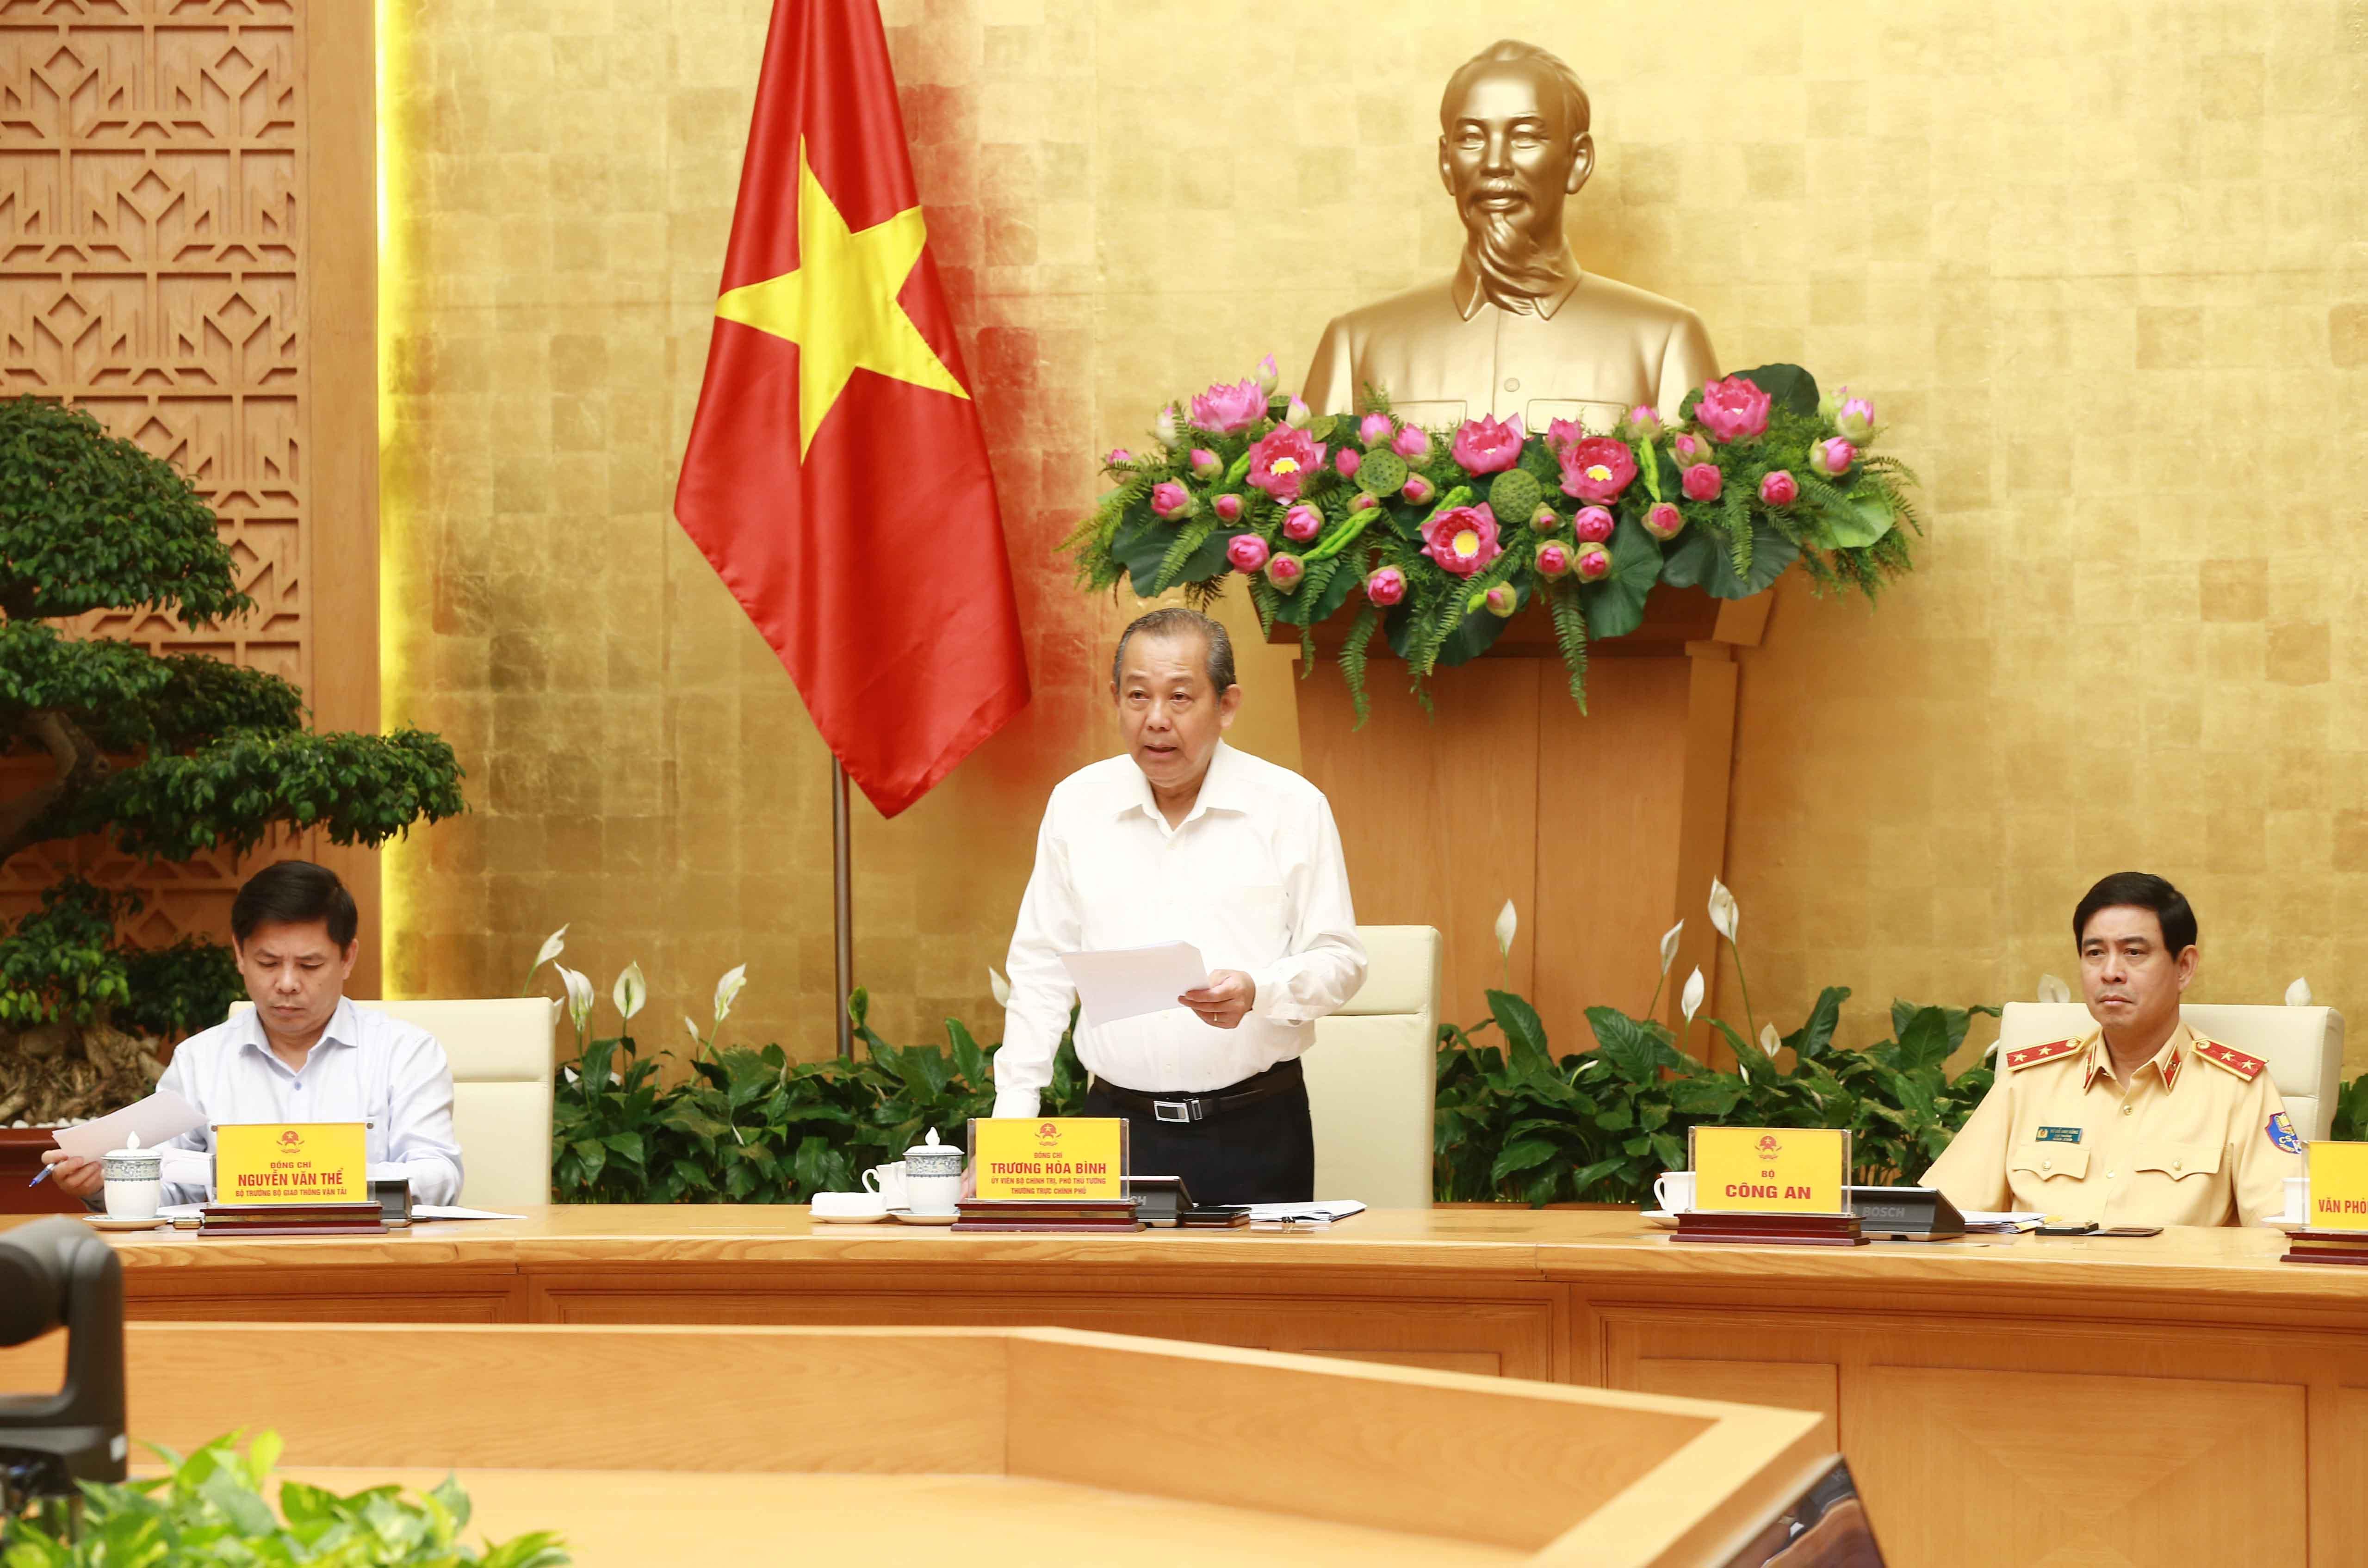 Phó Thủ tướng Thường trực: Sửa luật theo hướng tăng hình phạt đối với vi phạm ATGT